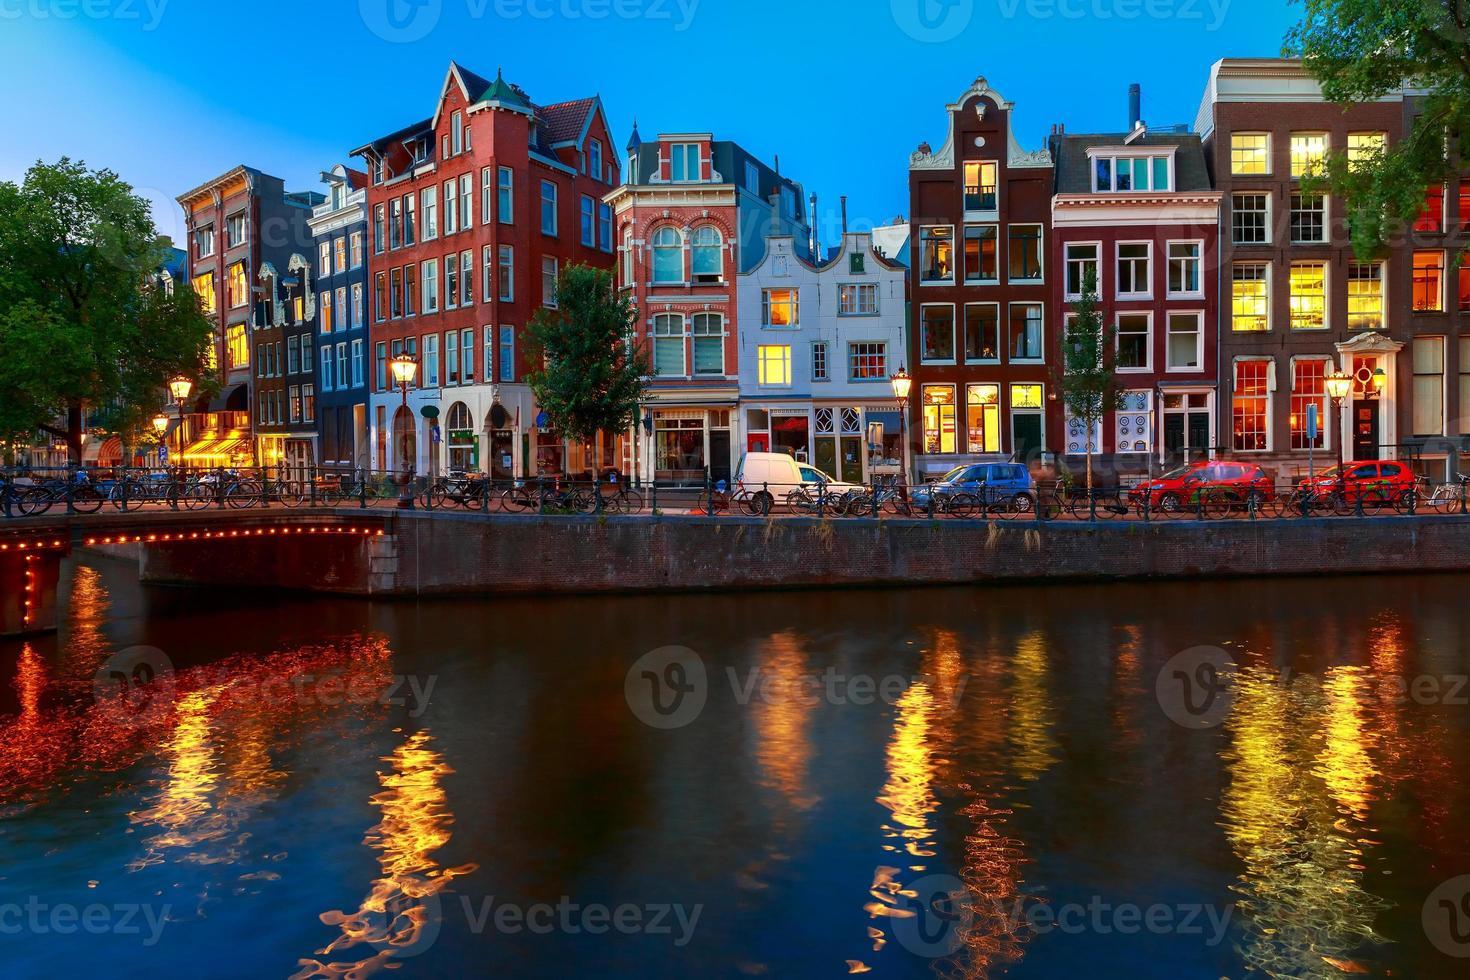 vista nocturna de la ciudad del canal de amsterdam con casas holandesas foto